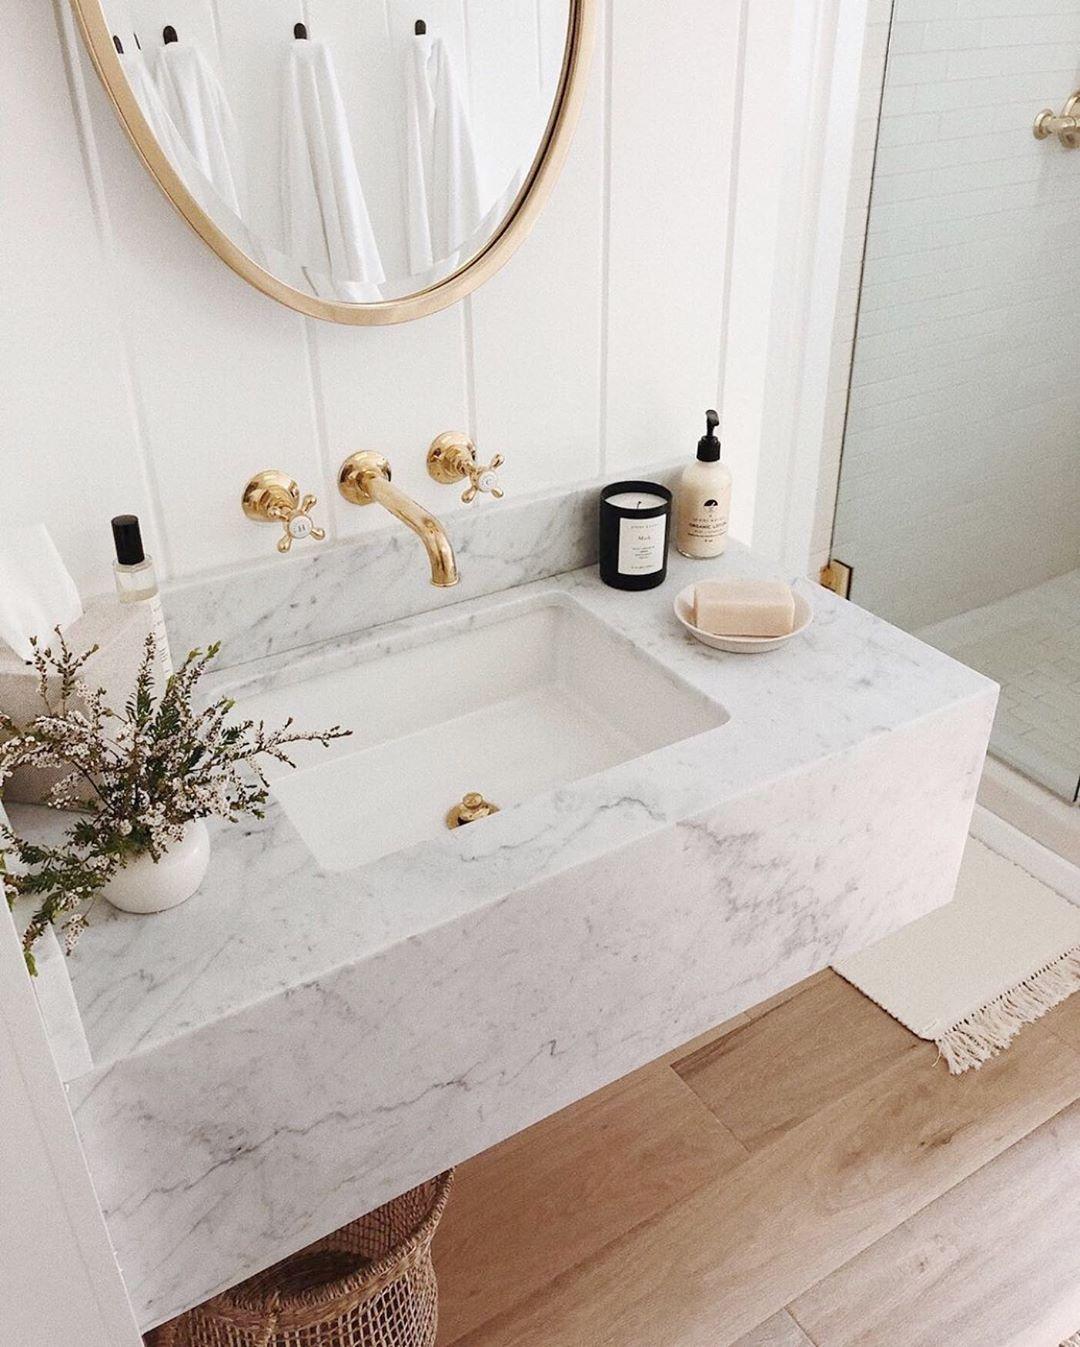 14 Marble Sink Ideas In 2021